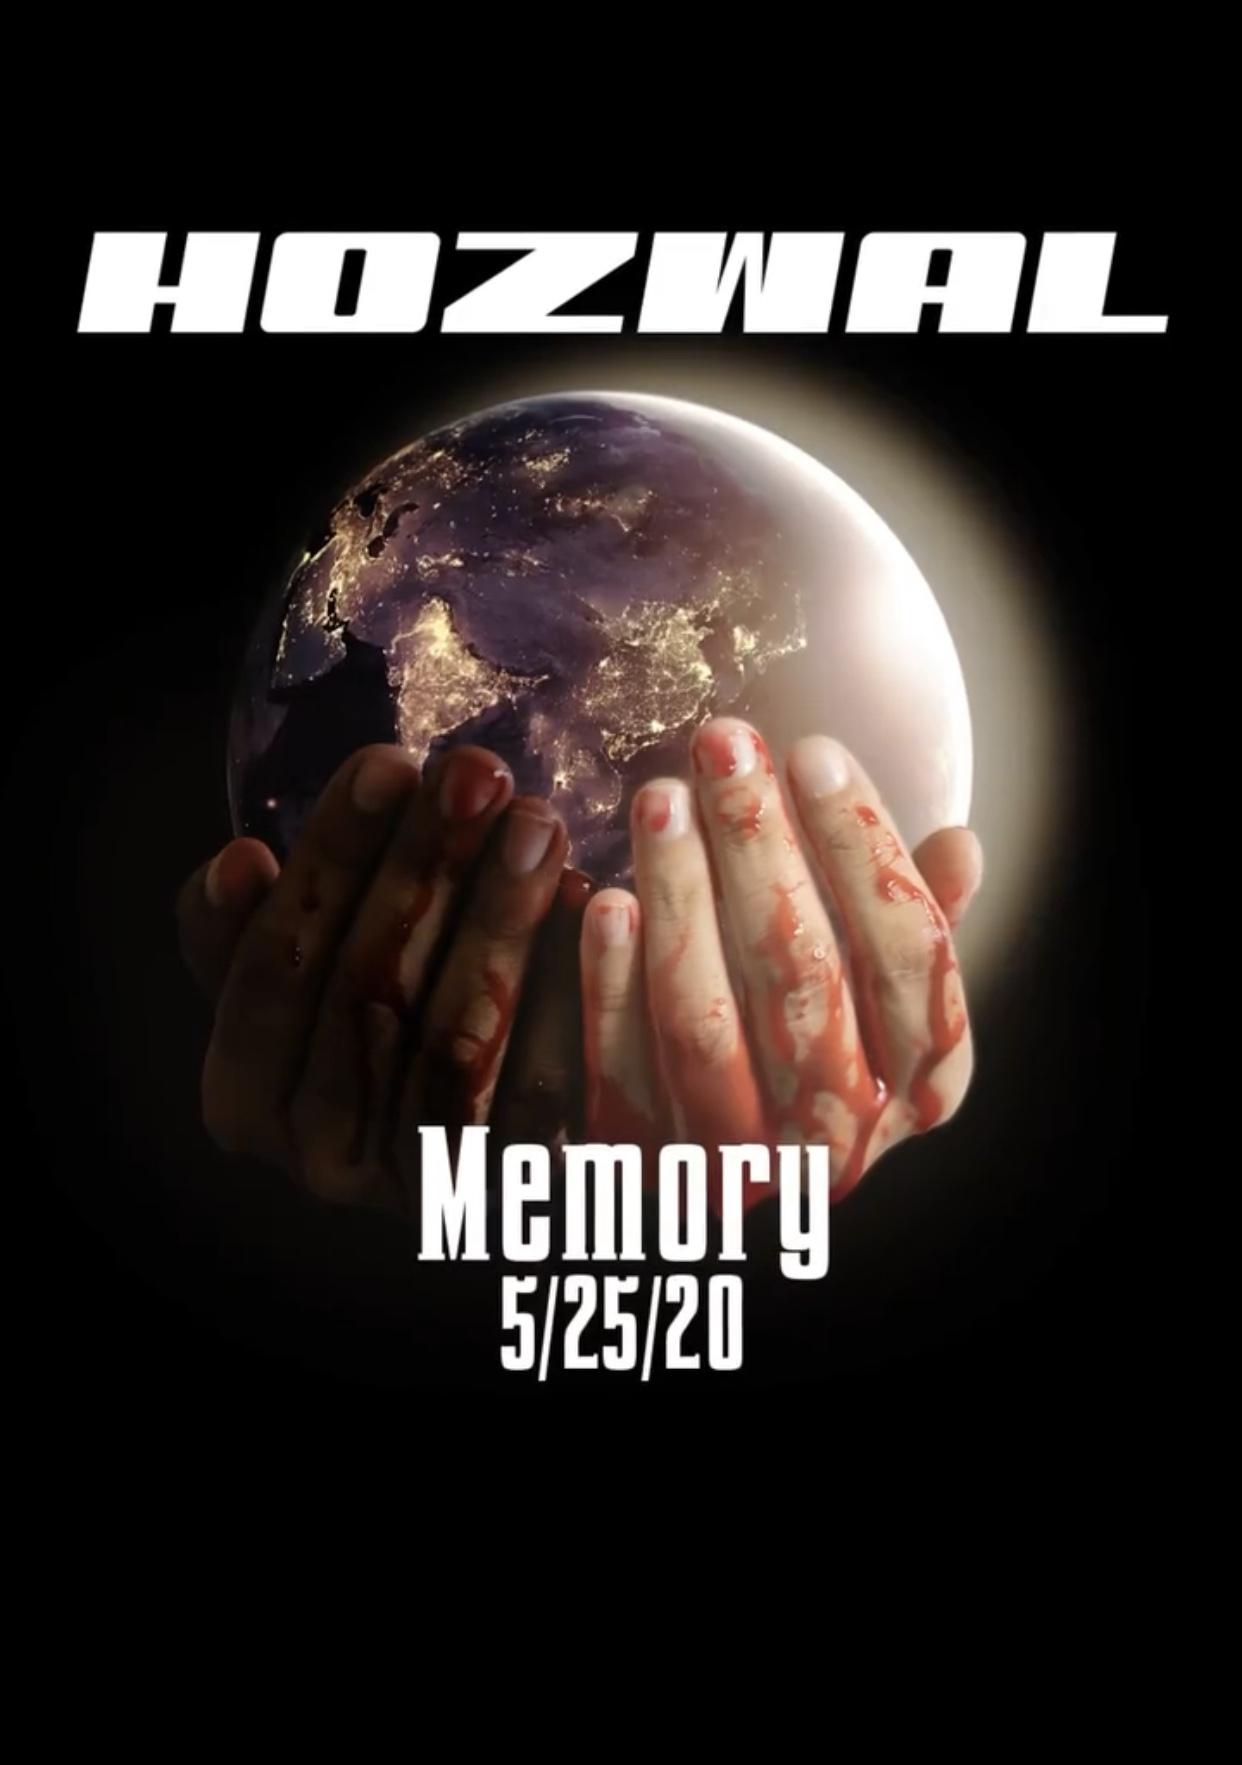 Memory: mensaje de Hozwal al racismo